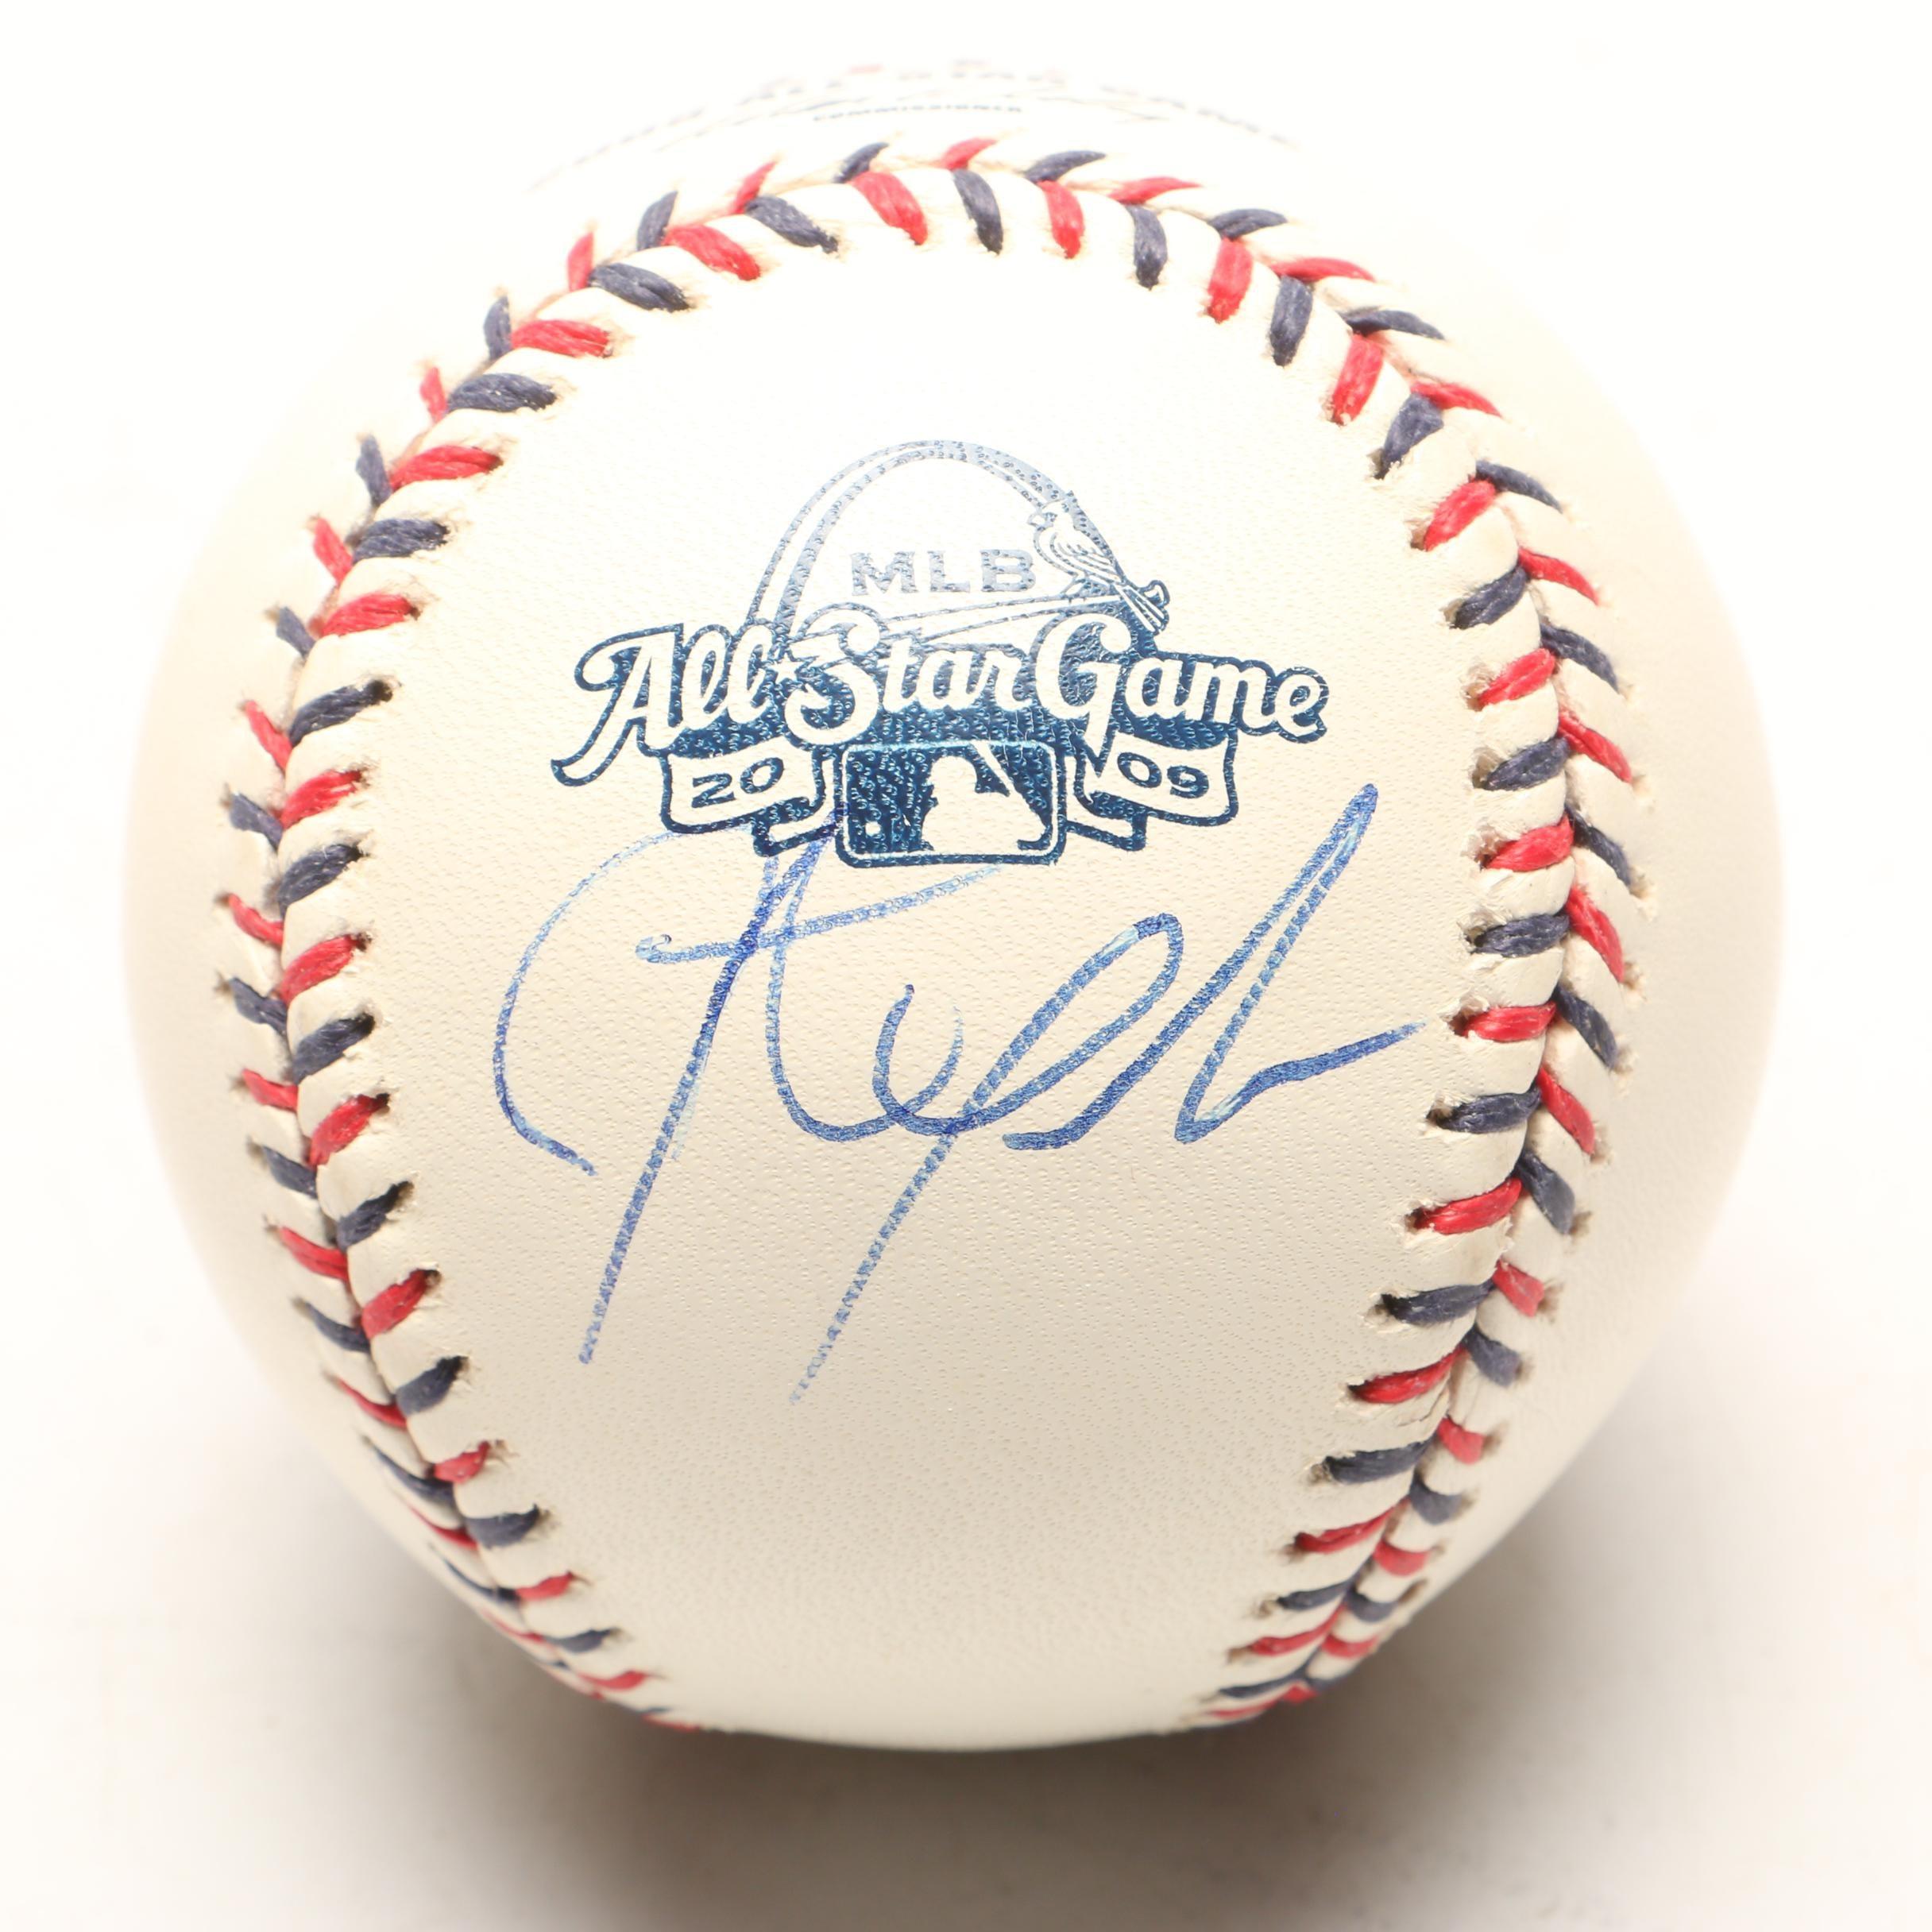 Johnathan Papelbon Signed 2009 Rawlings All-Star Game Baseball JSA COA